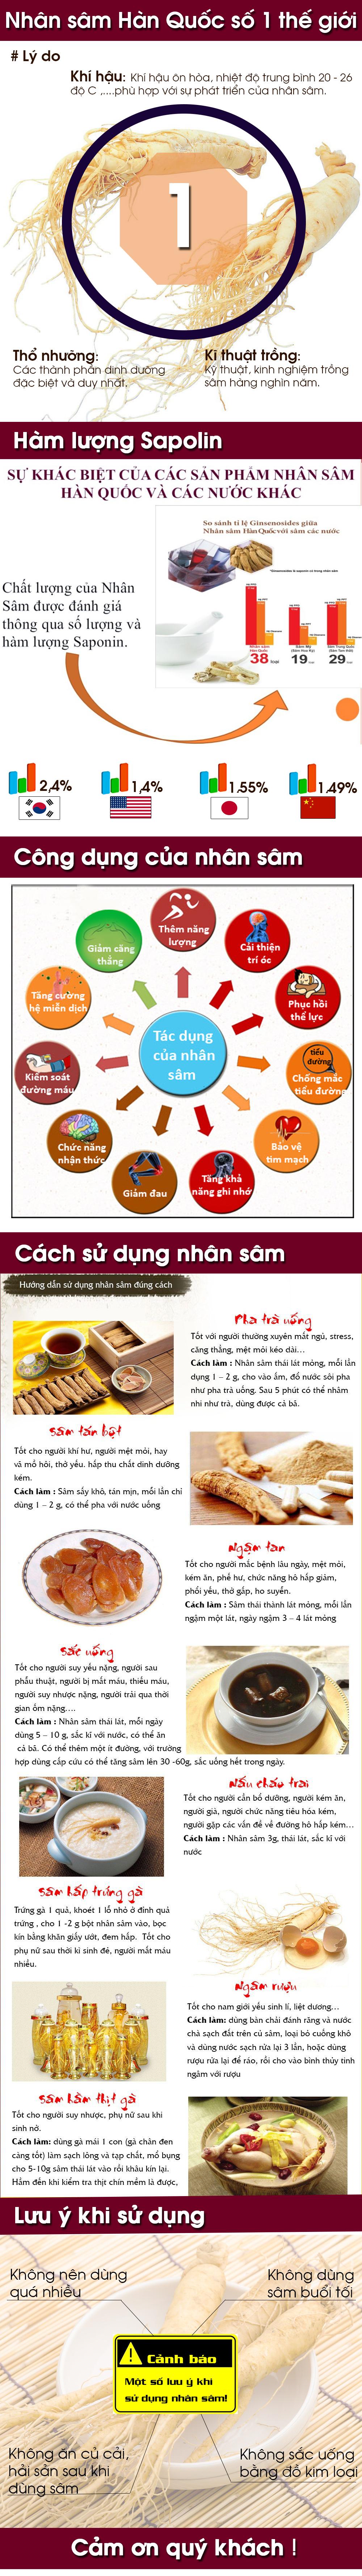 ad-cong-dung-nhan-sam